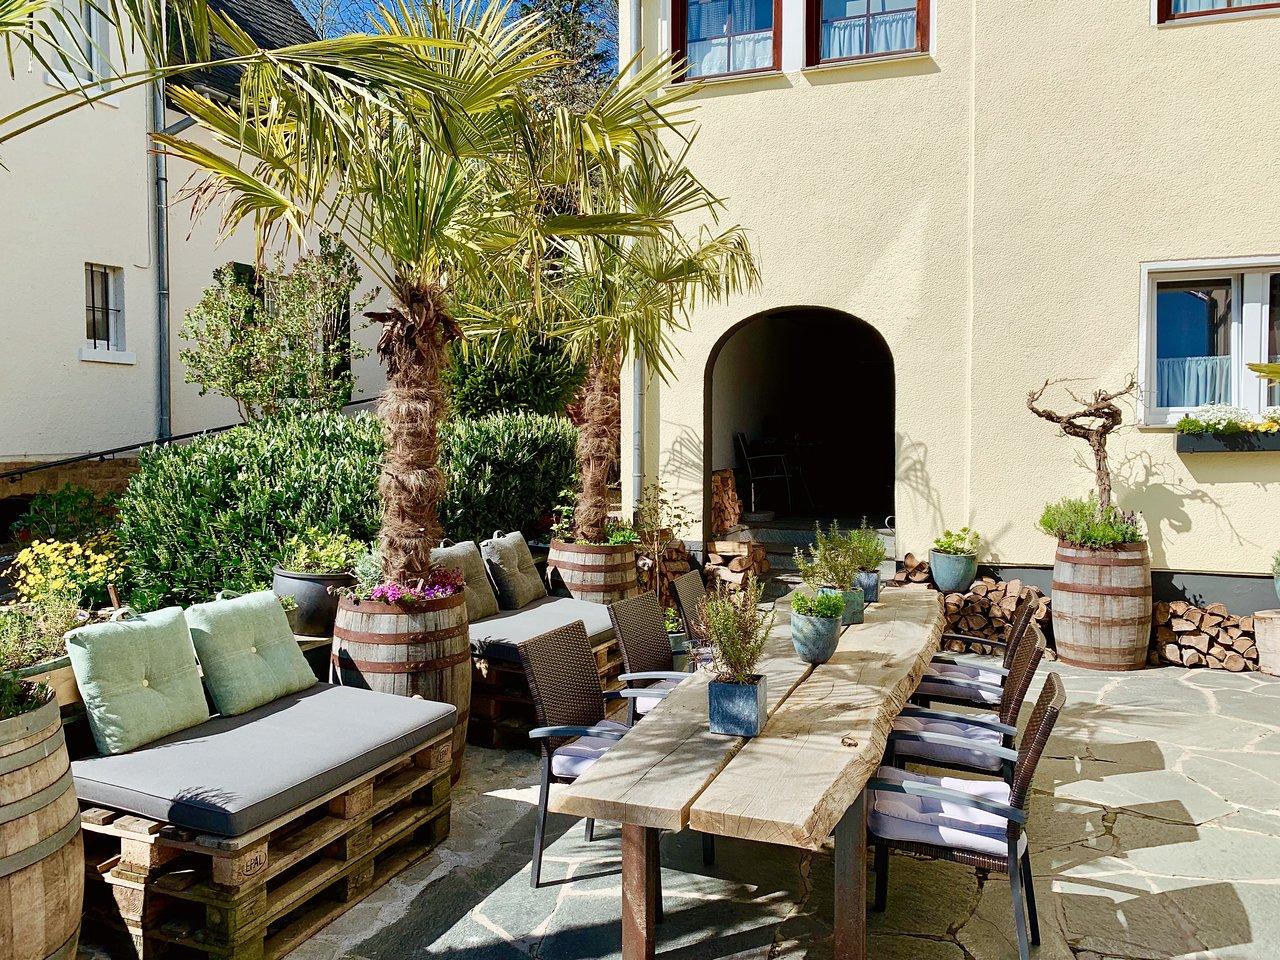 Die 5 Besten Hotels Mit Hund In Bad Munstereifel 2019 Mit Preisen